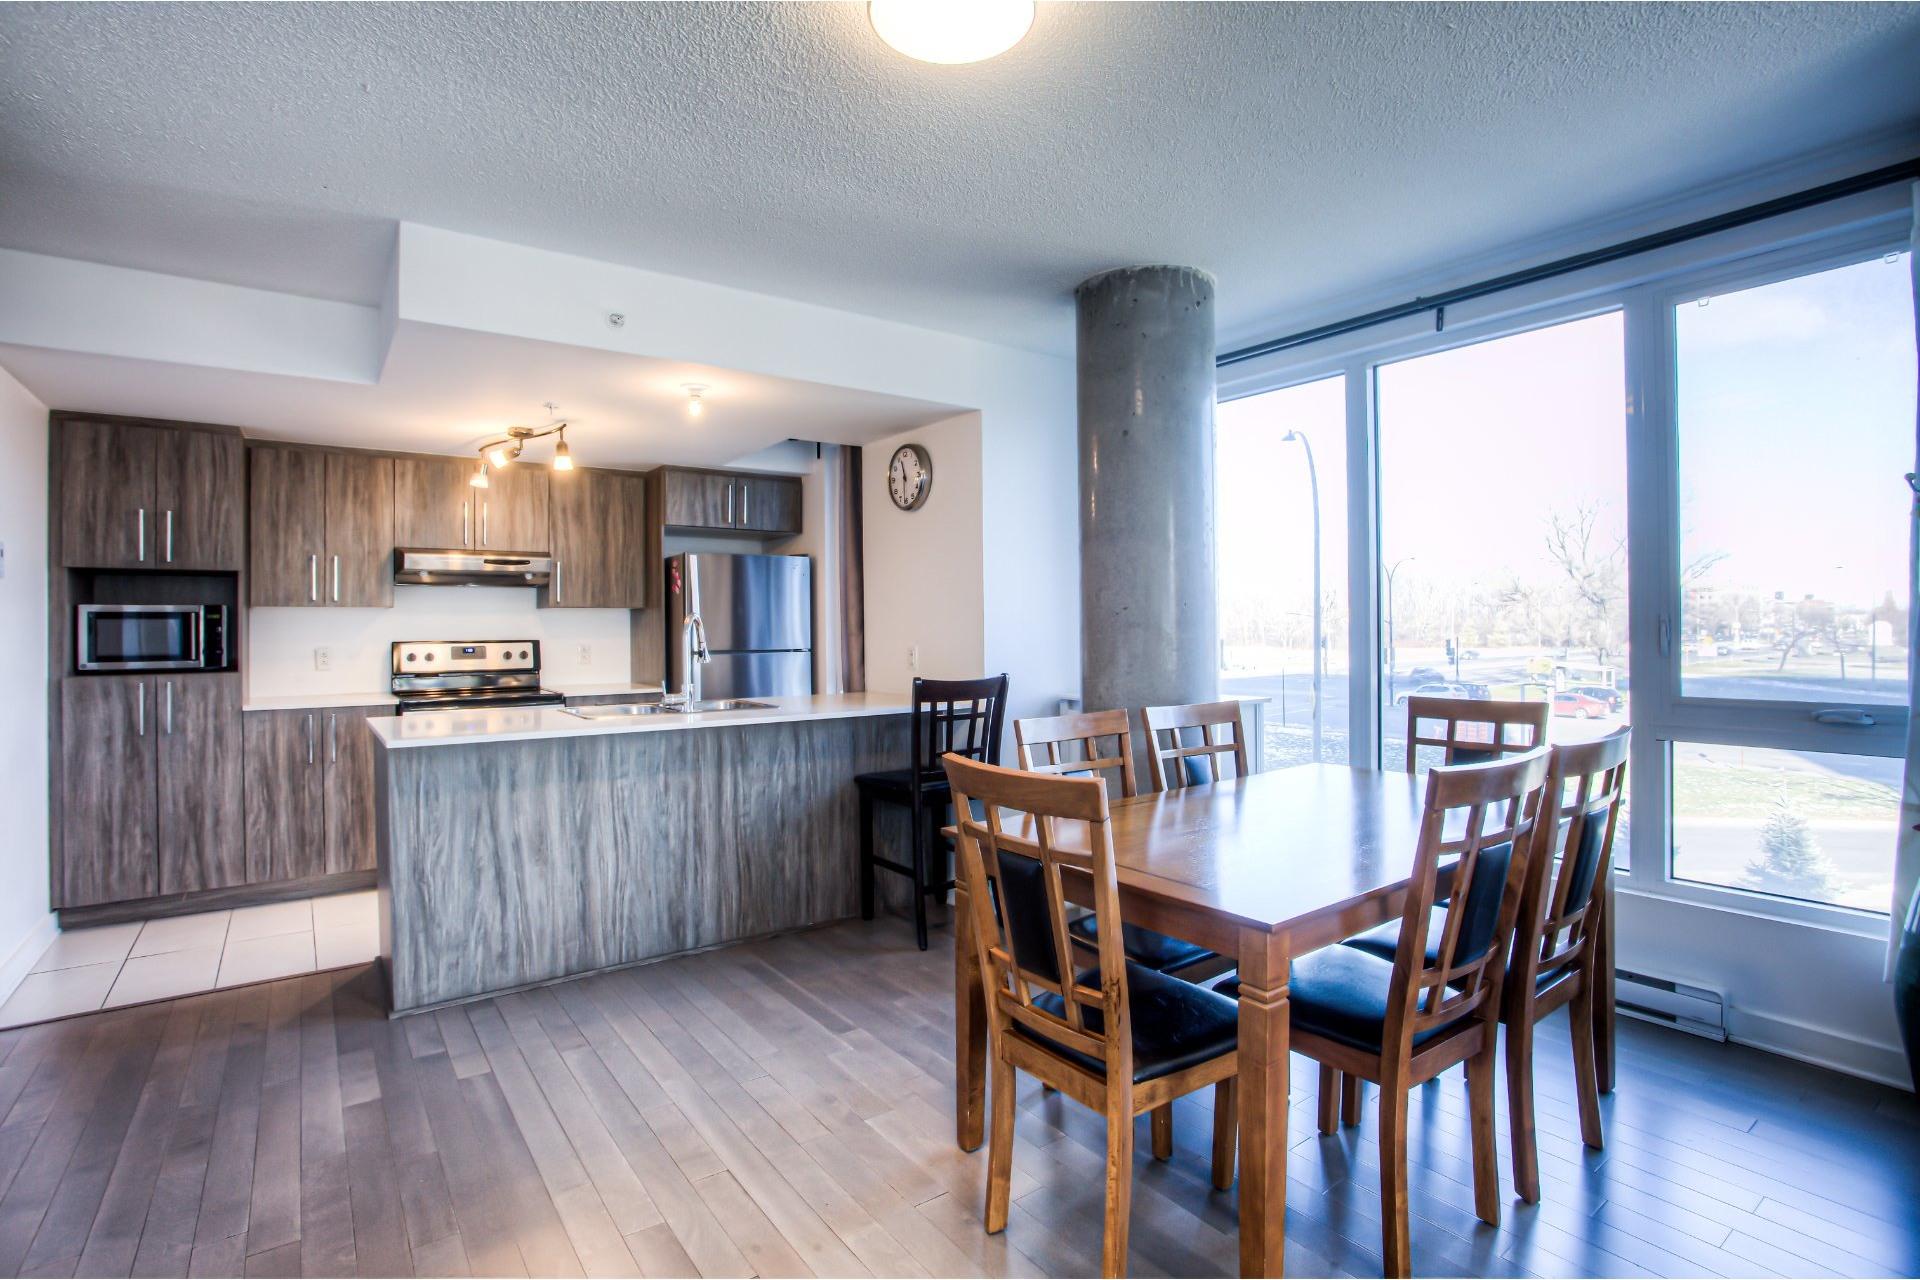 image 5 - Apartment For sale Ahuntsic-Cartierville Montréal  - 7 rooms